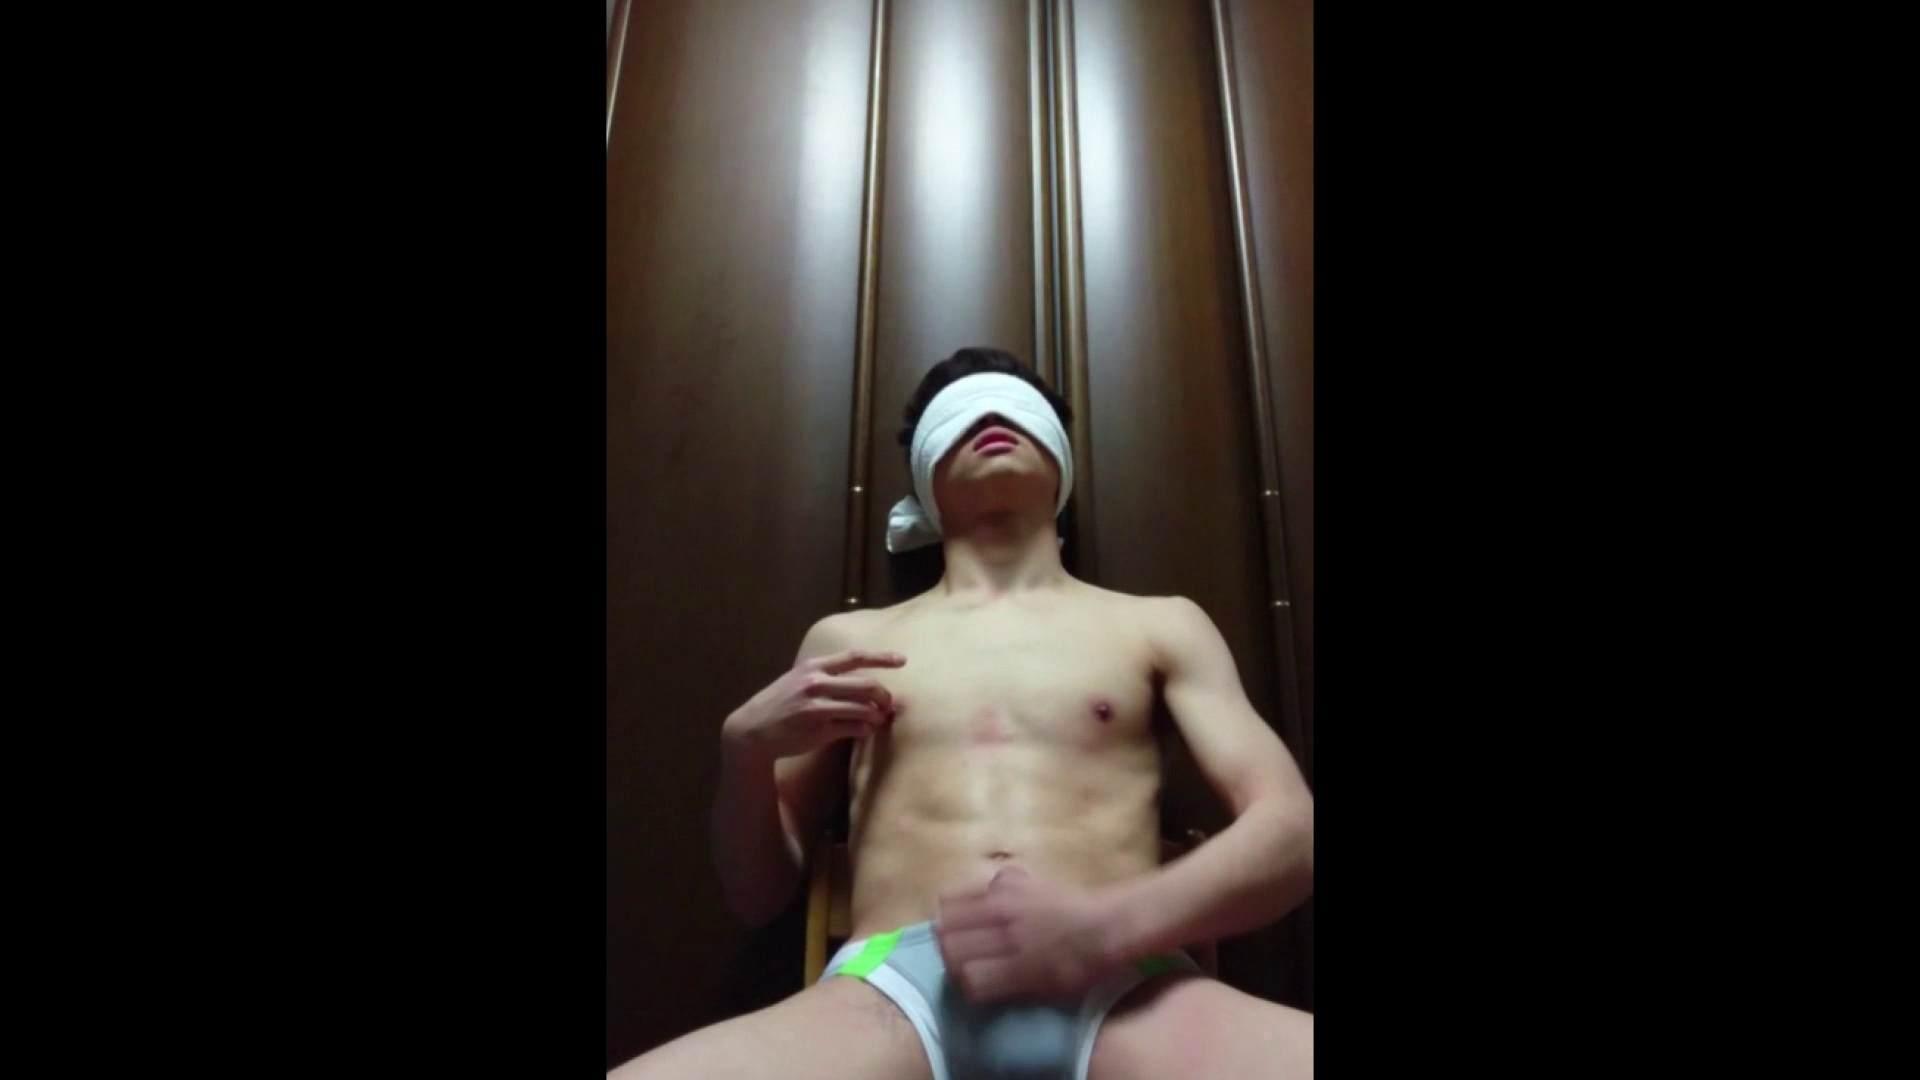 個人撮影 自慰の極意 Vol.21 ゲイのオナニー映像 ゲイセックス画像 107枚 107